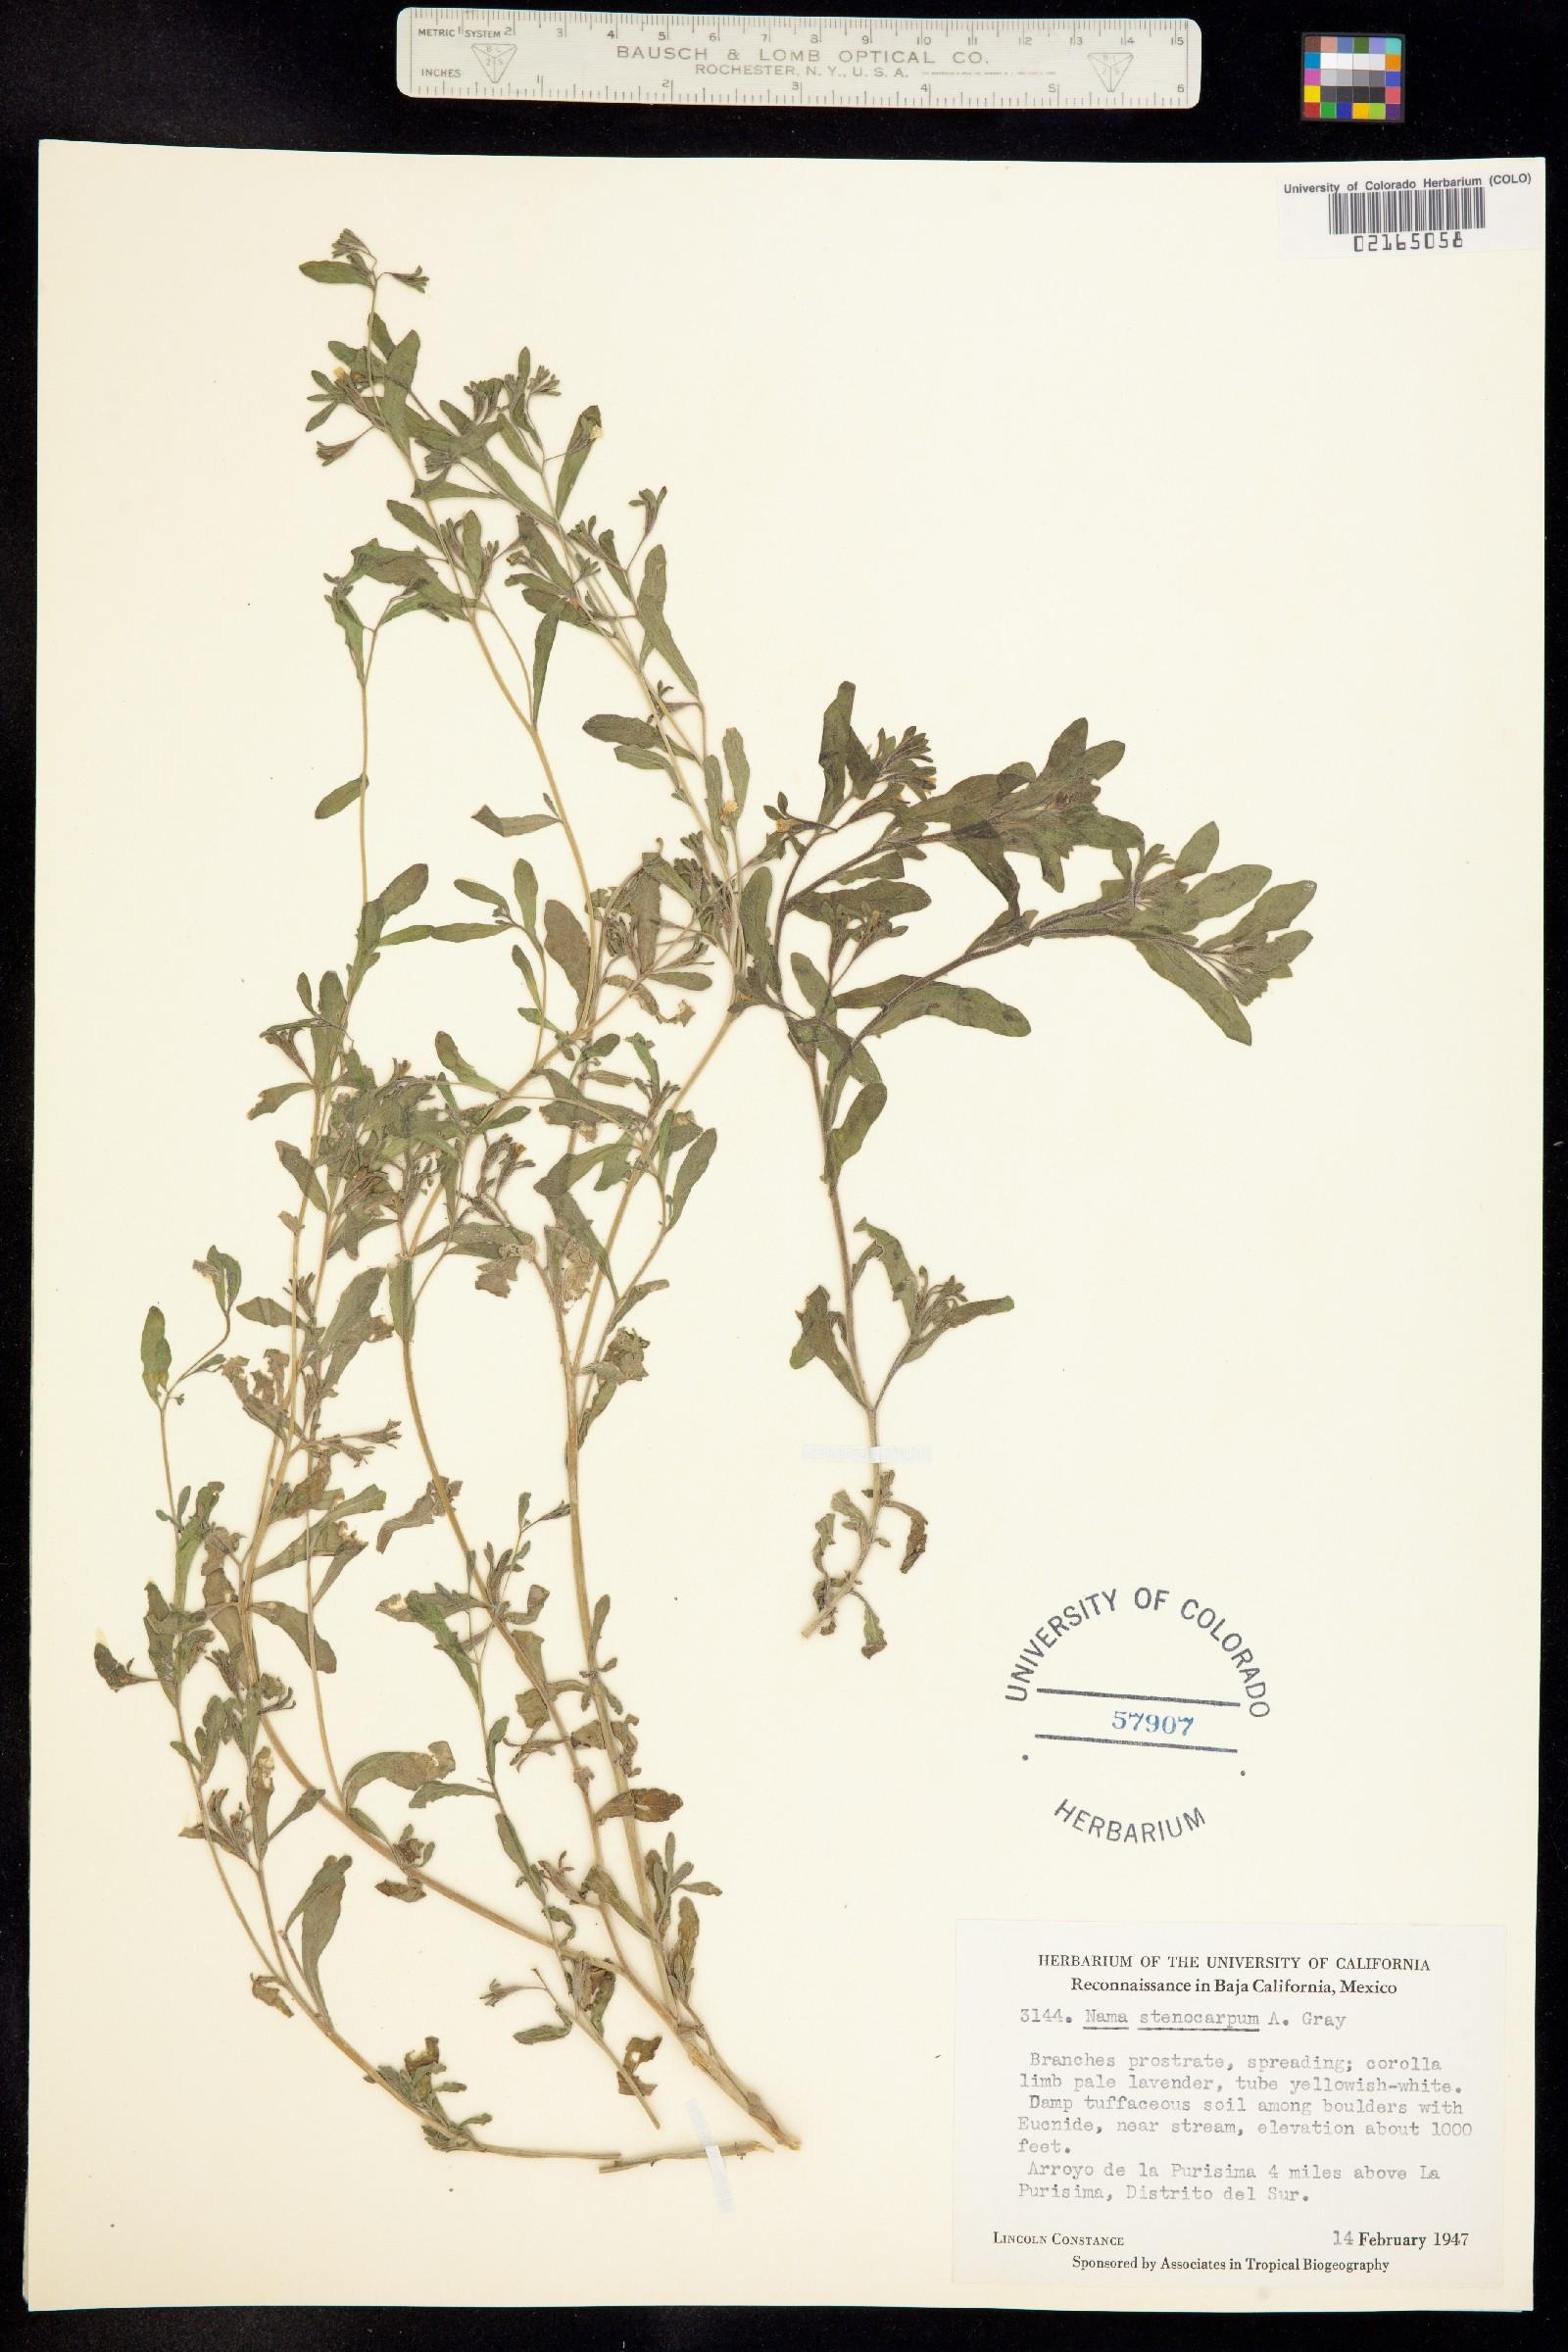 Nama stenocarpa image